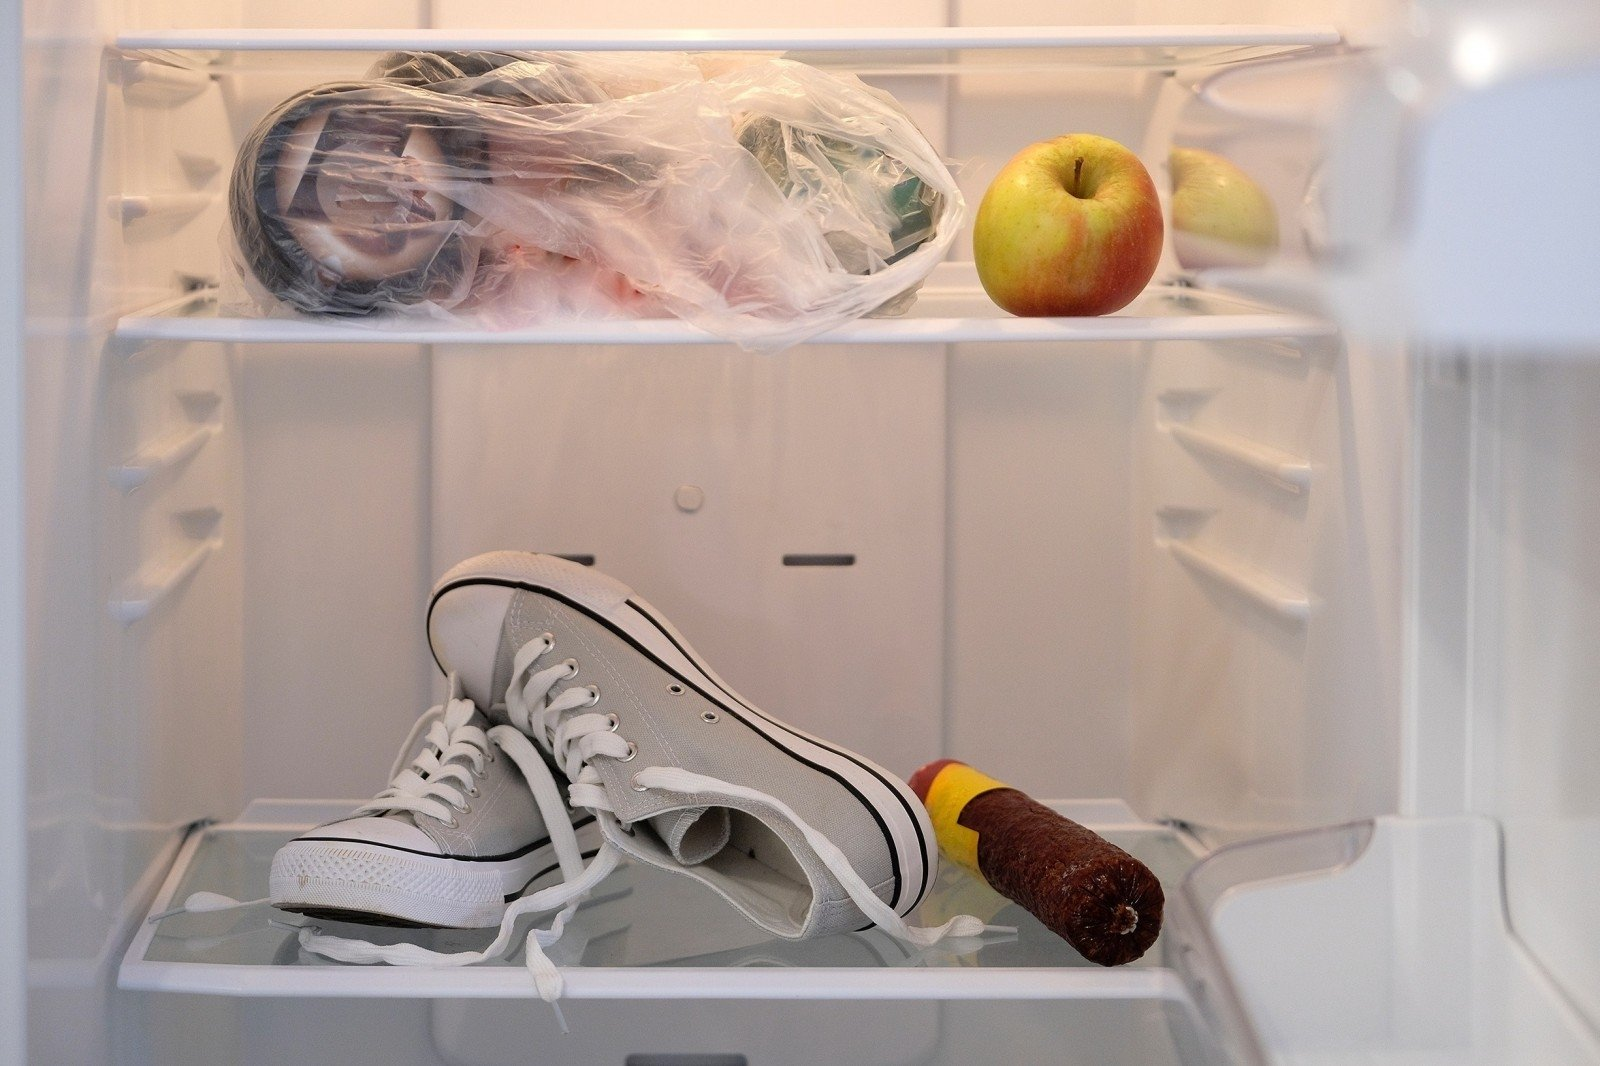 Как хранить фрукты и ягоды в холодильнике